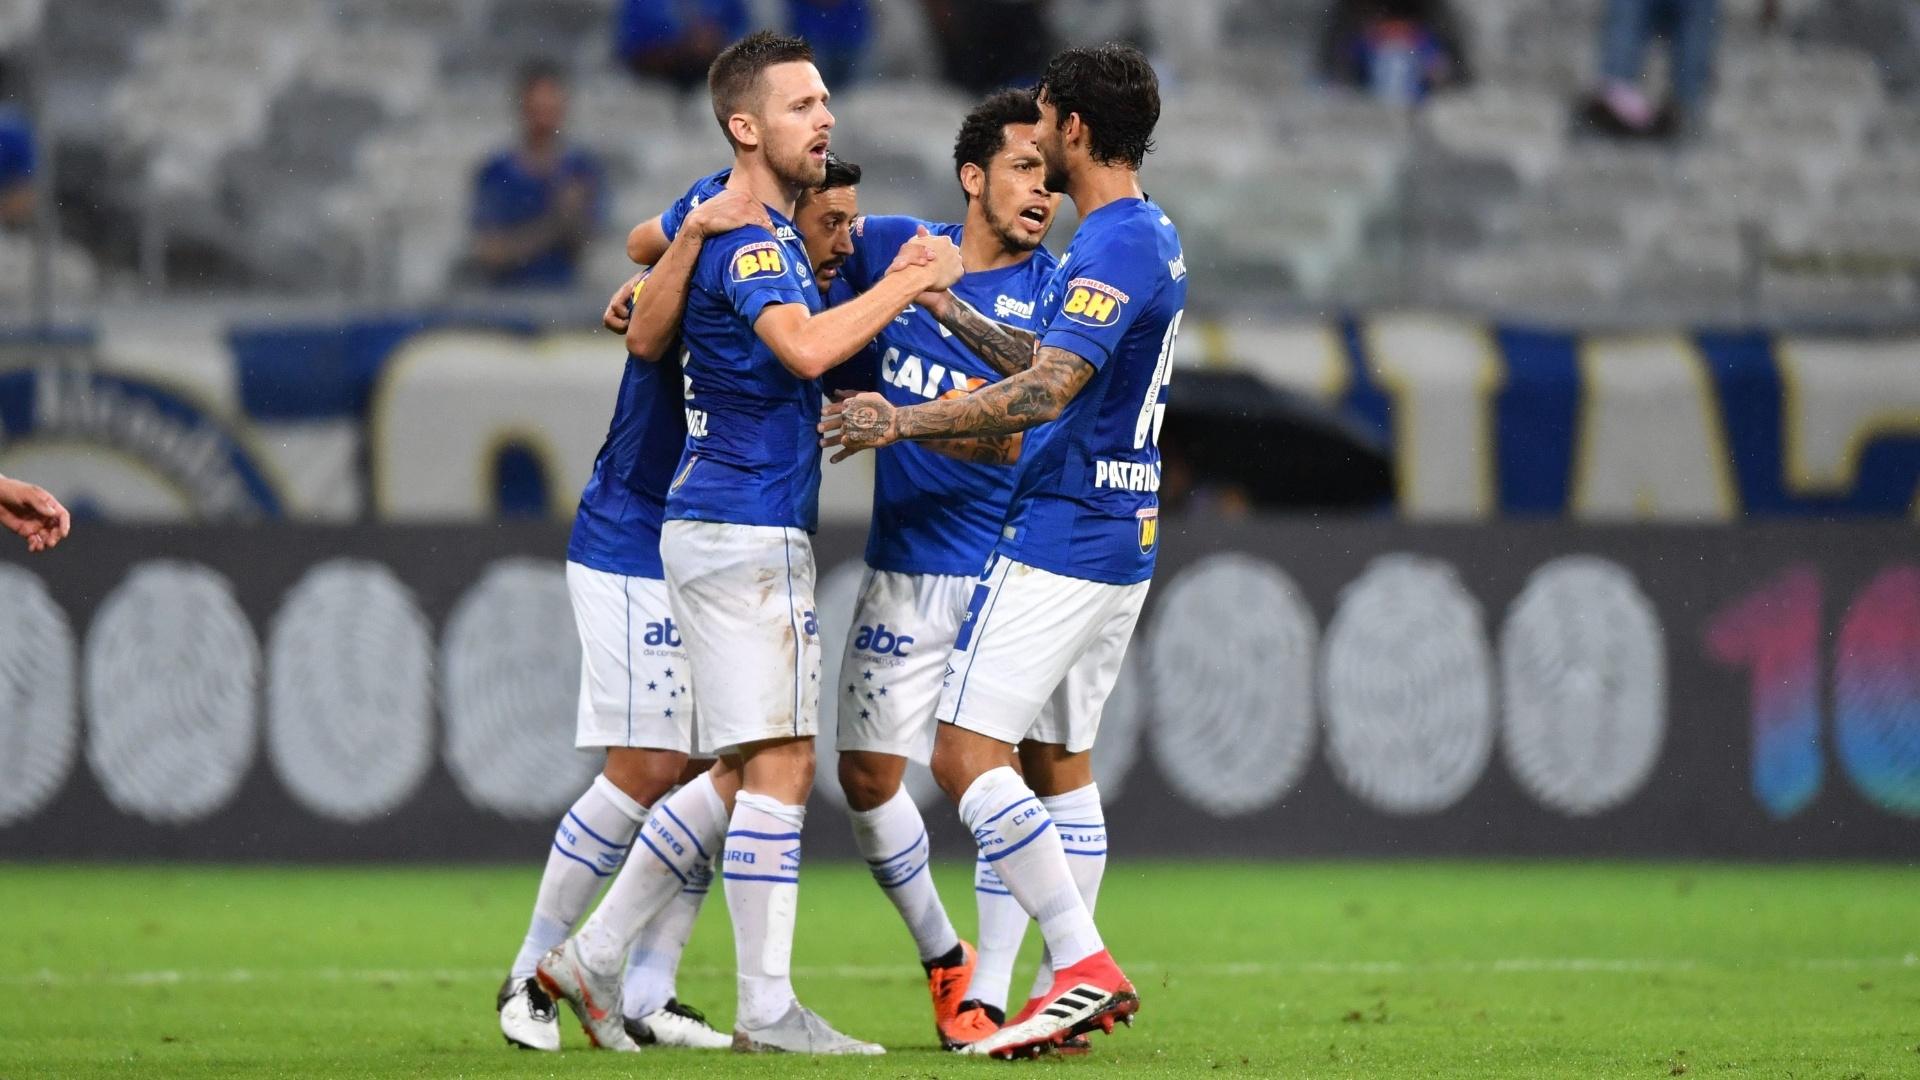 Jogadores do Cruzeiro comemoram gol contra o Vitória